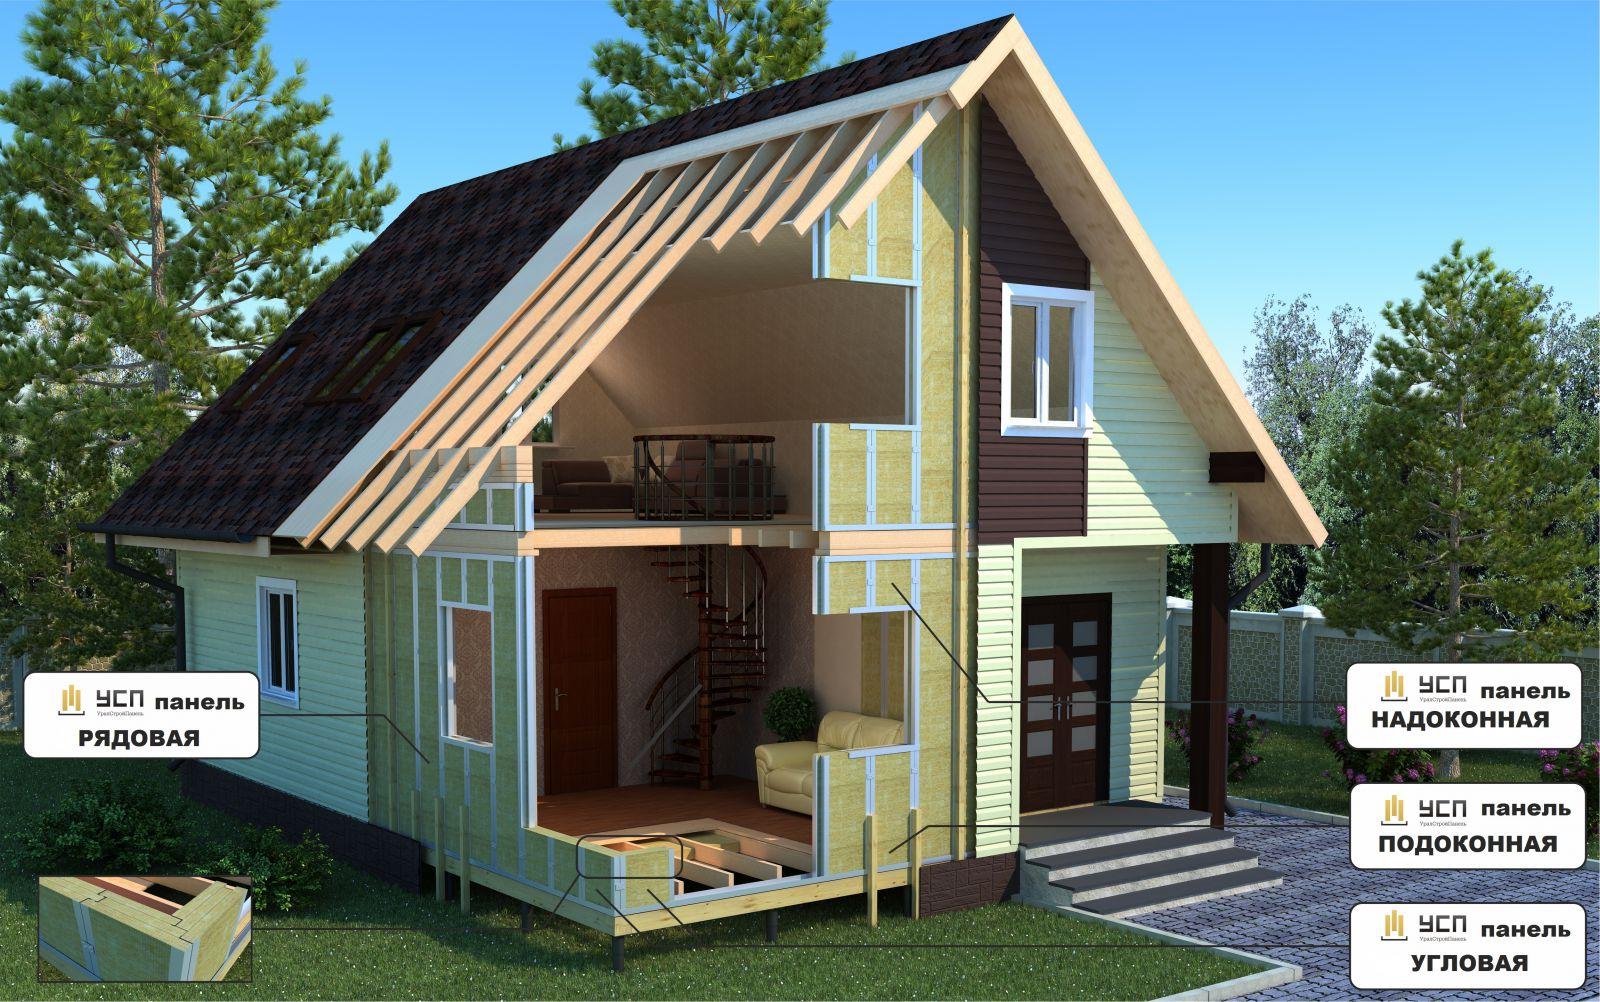 мужское термобелье строительство дешевых европейских домов здесь